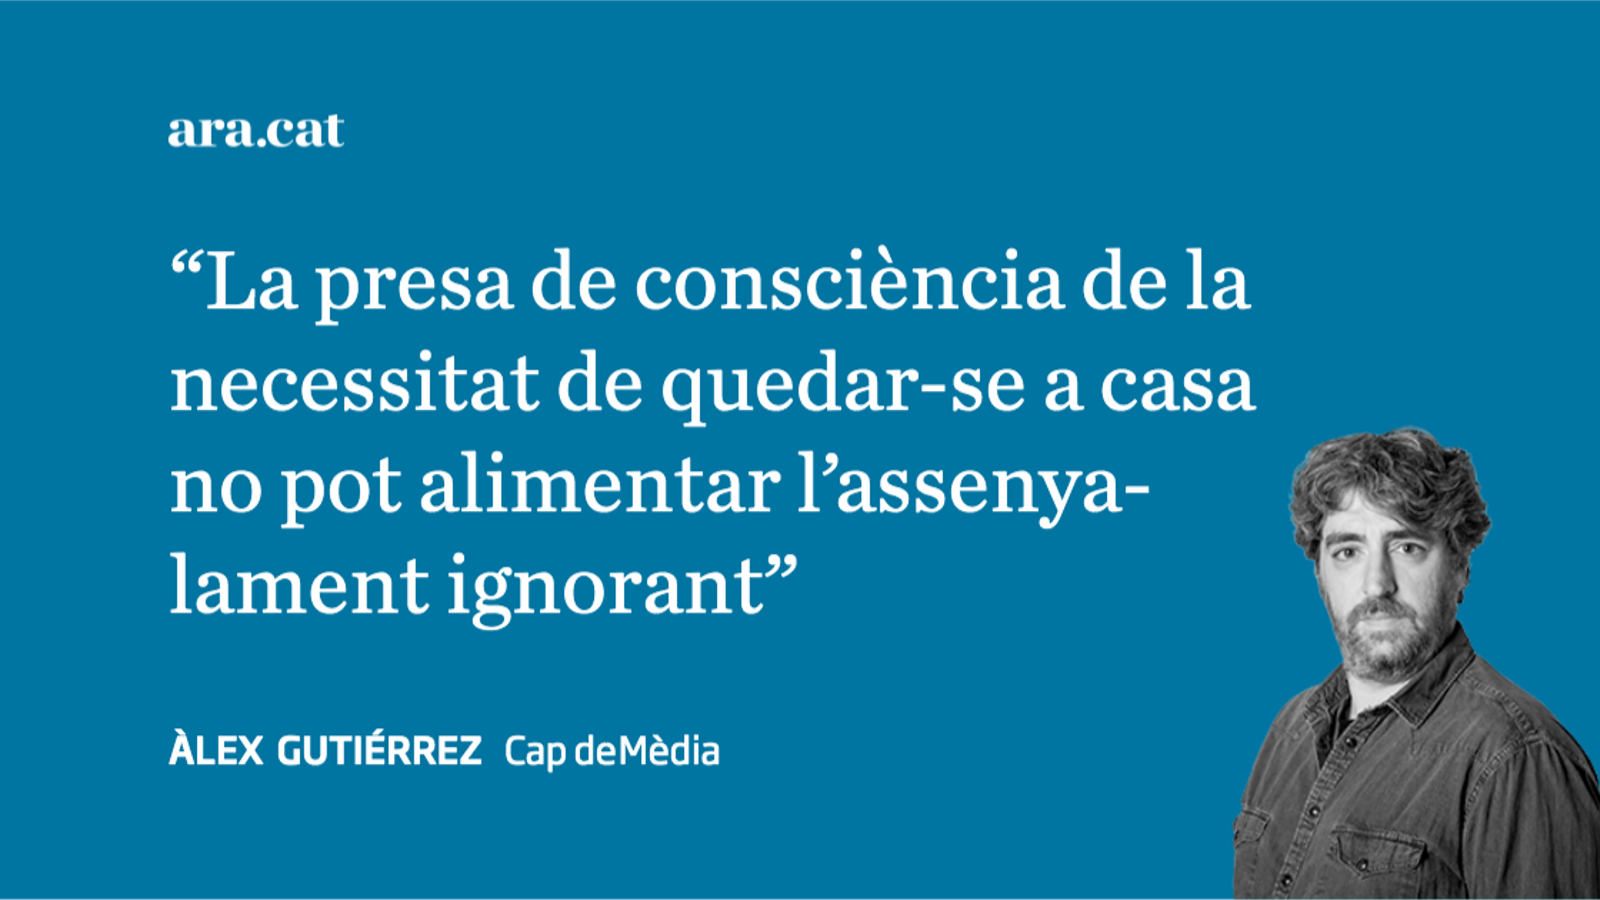 El retorn de la doctrina Aznar versus l'escarni ignorant